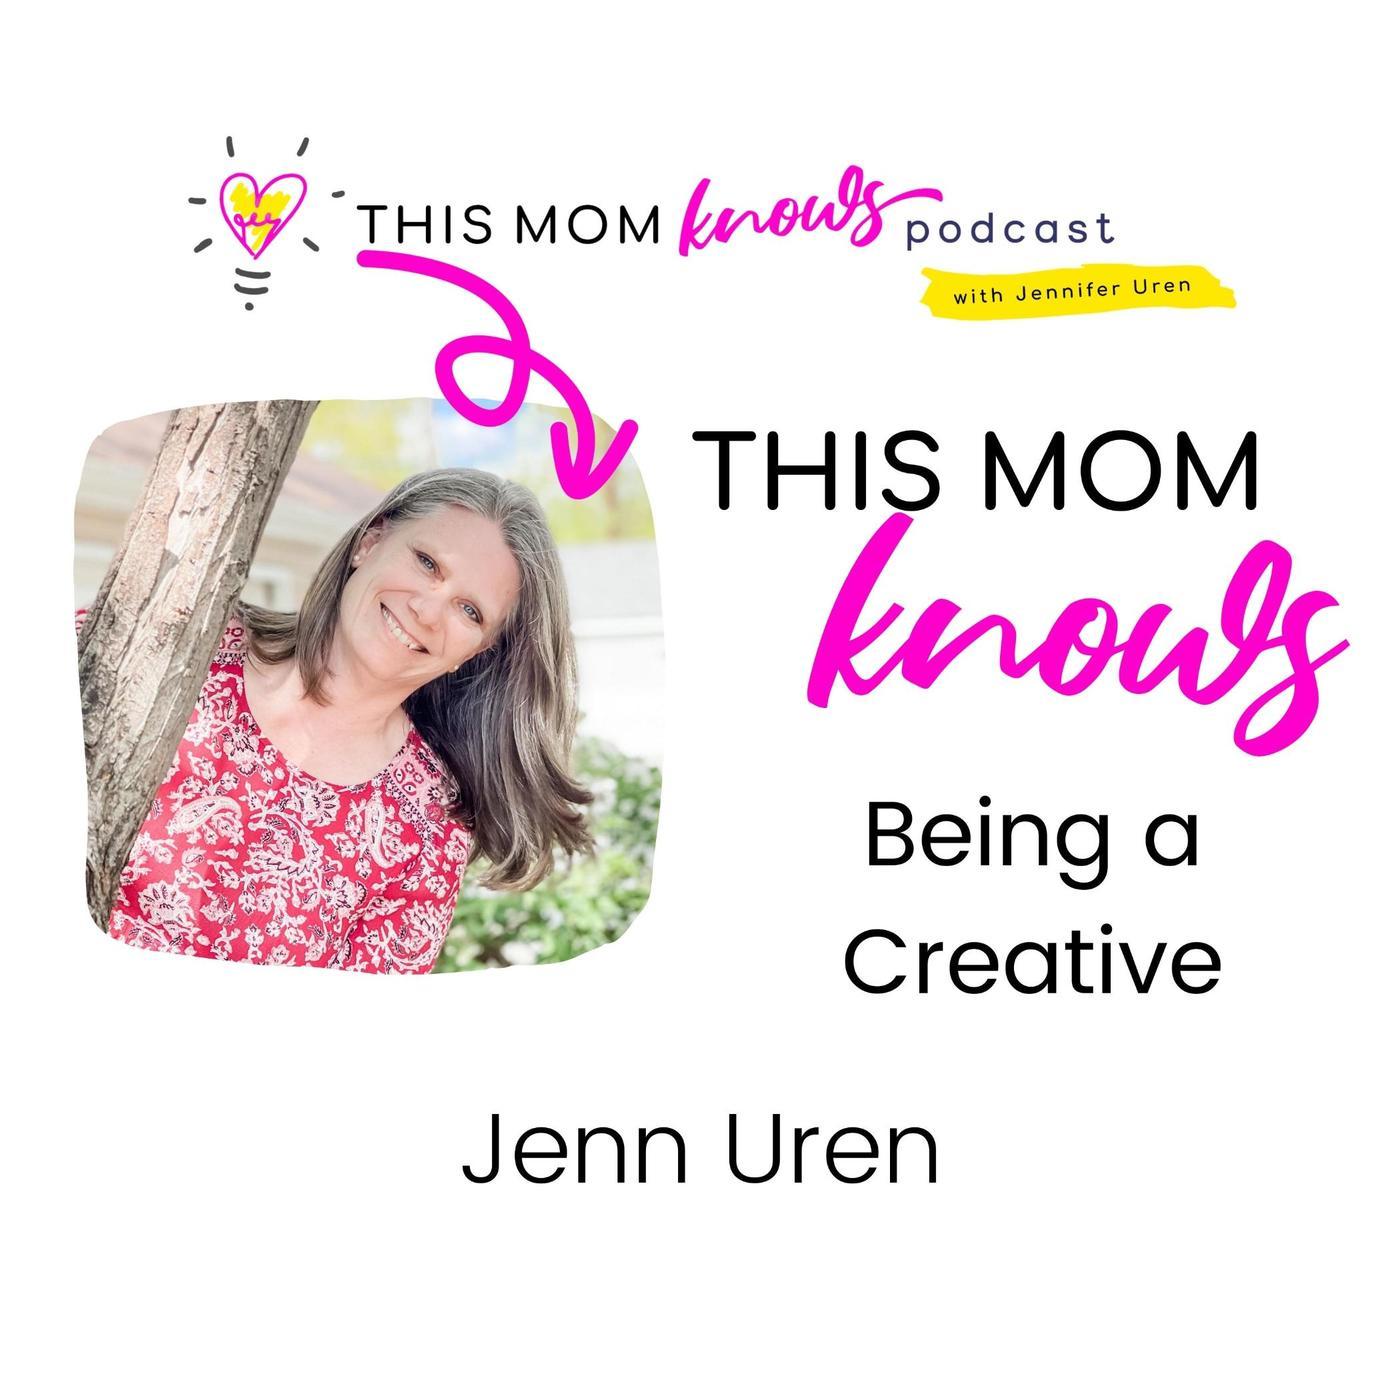 Jenn Uren on Being a Creative